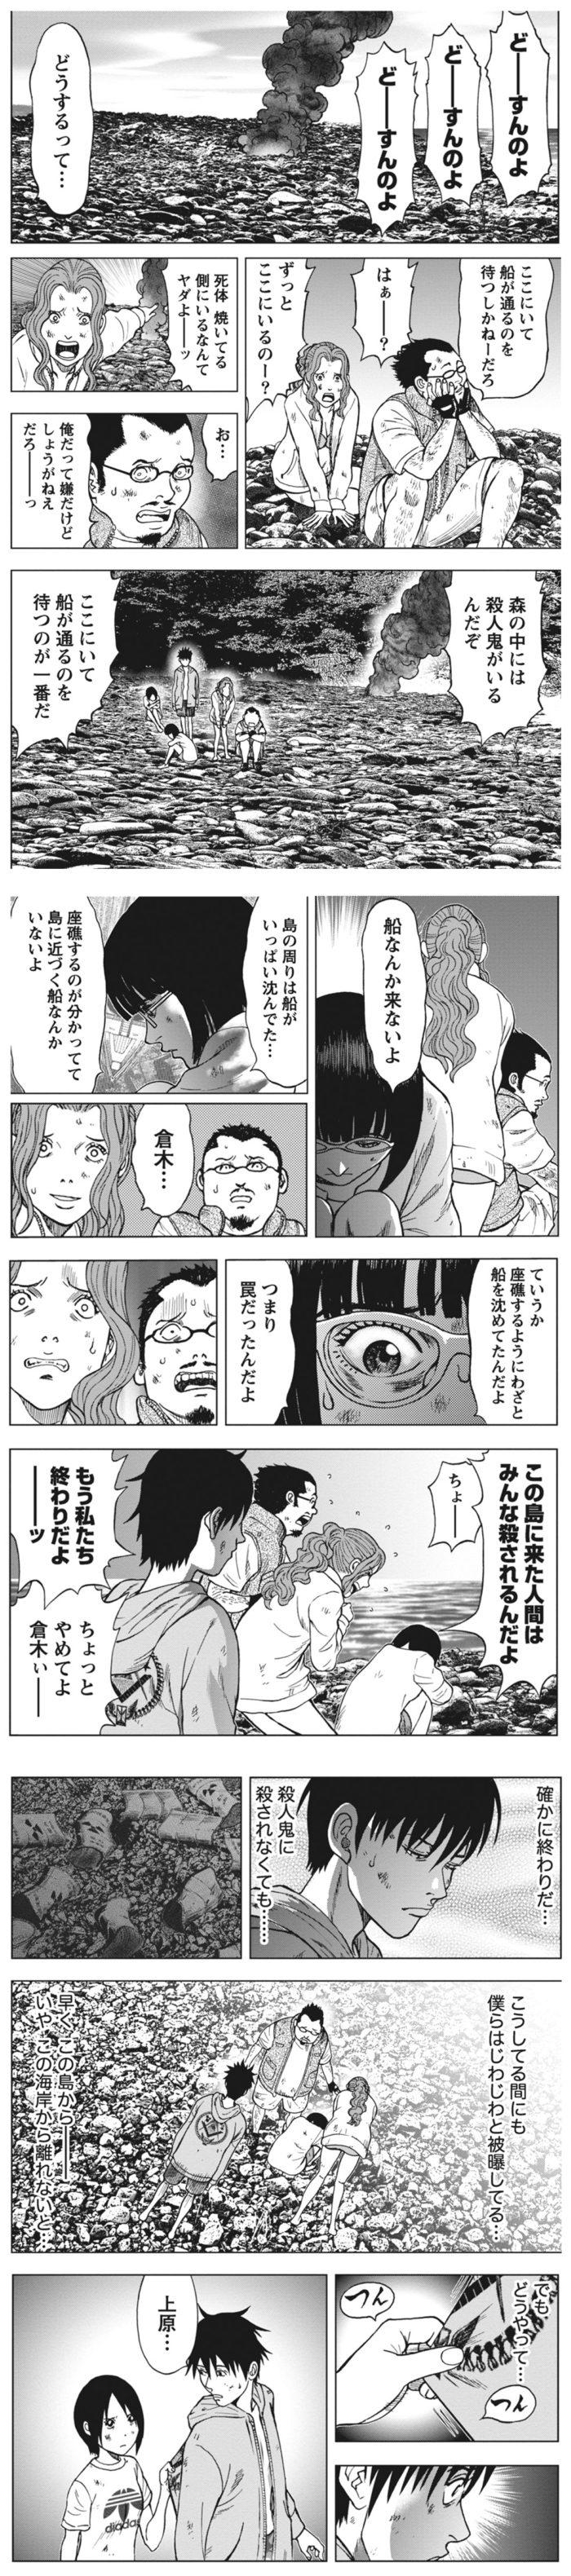 kichikujima03a-2